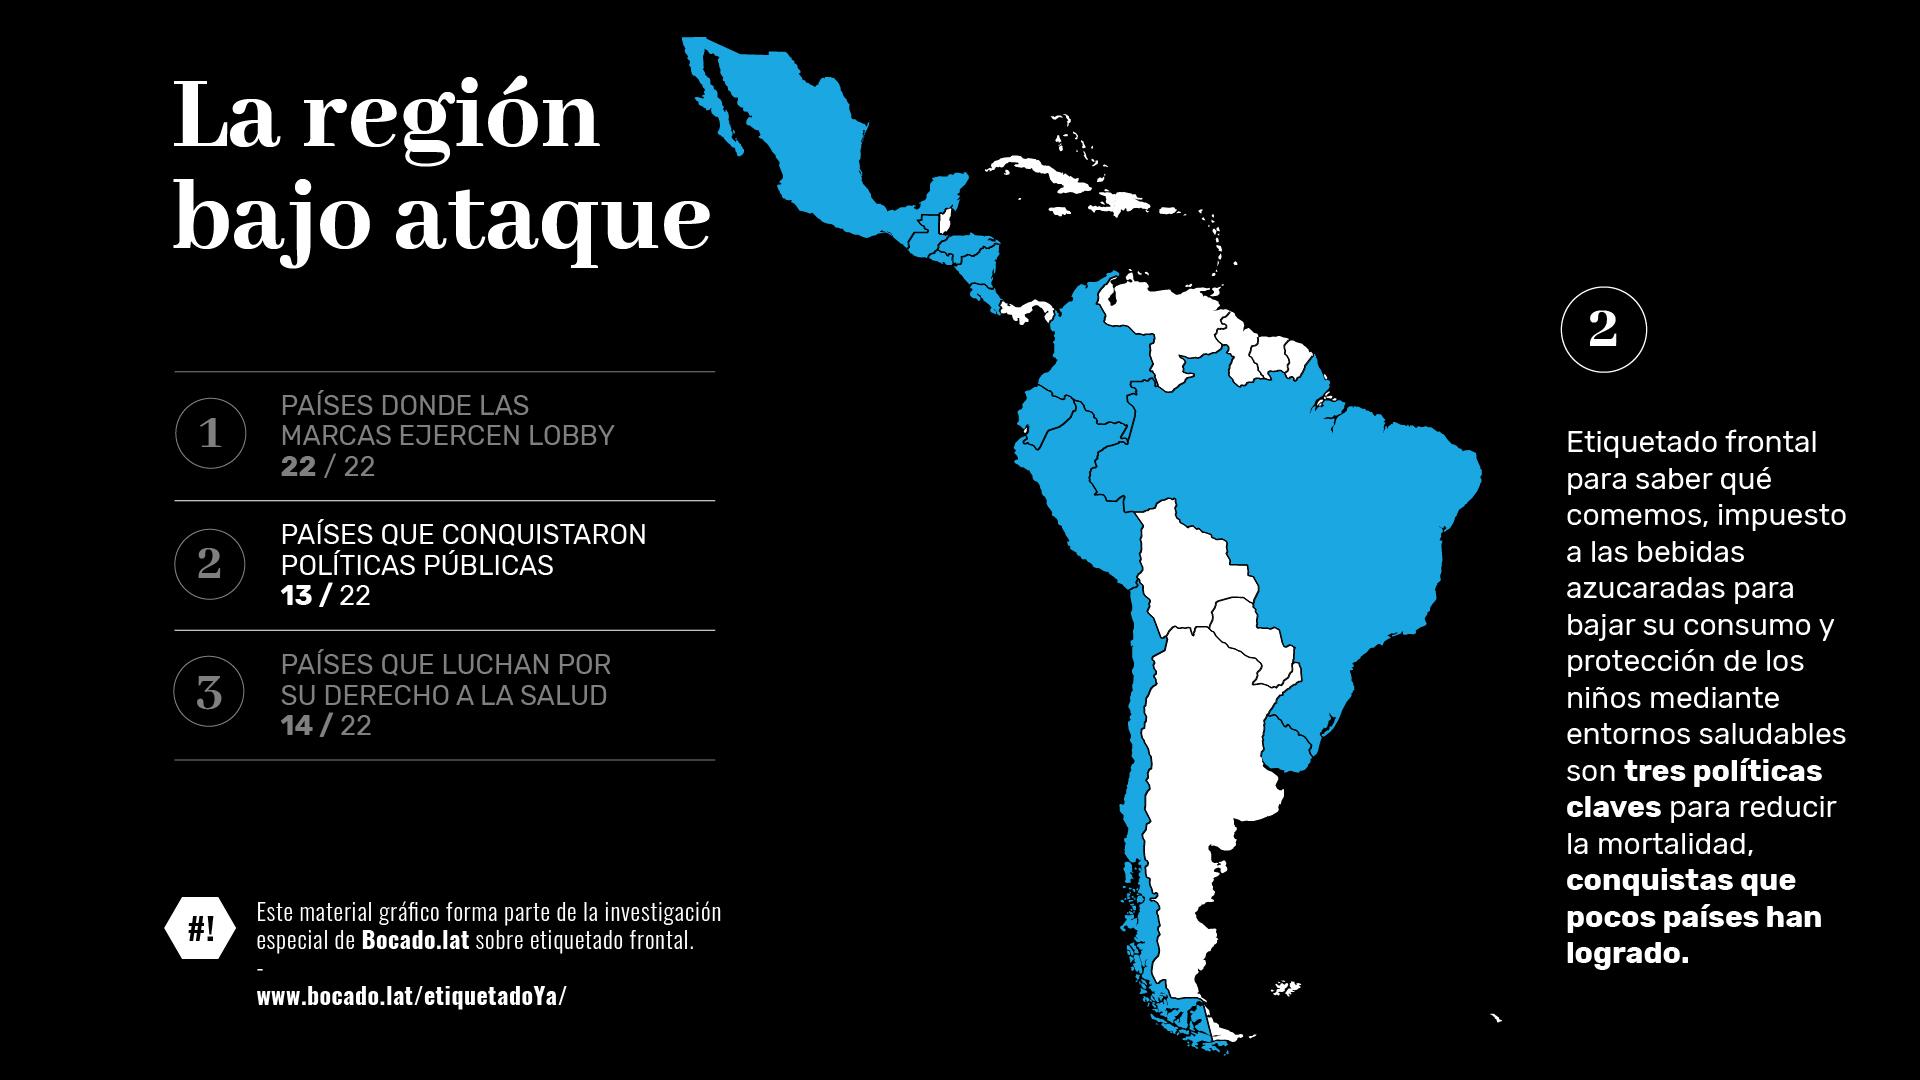 La_region_bajo_ataque_2_Bocado